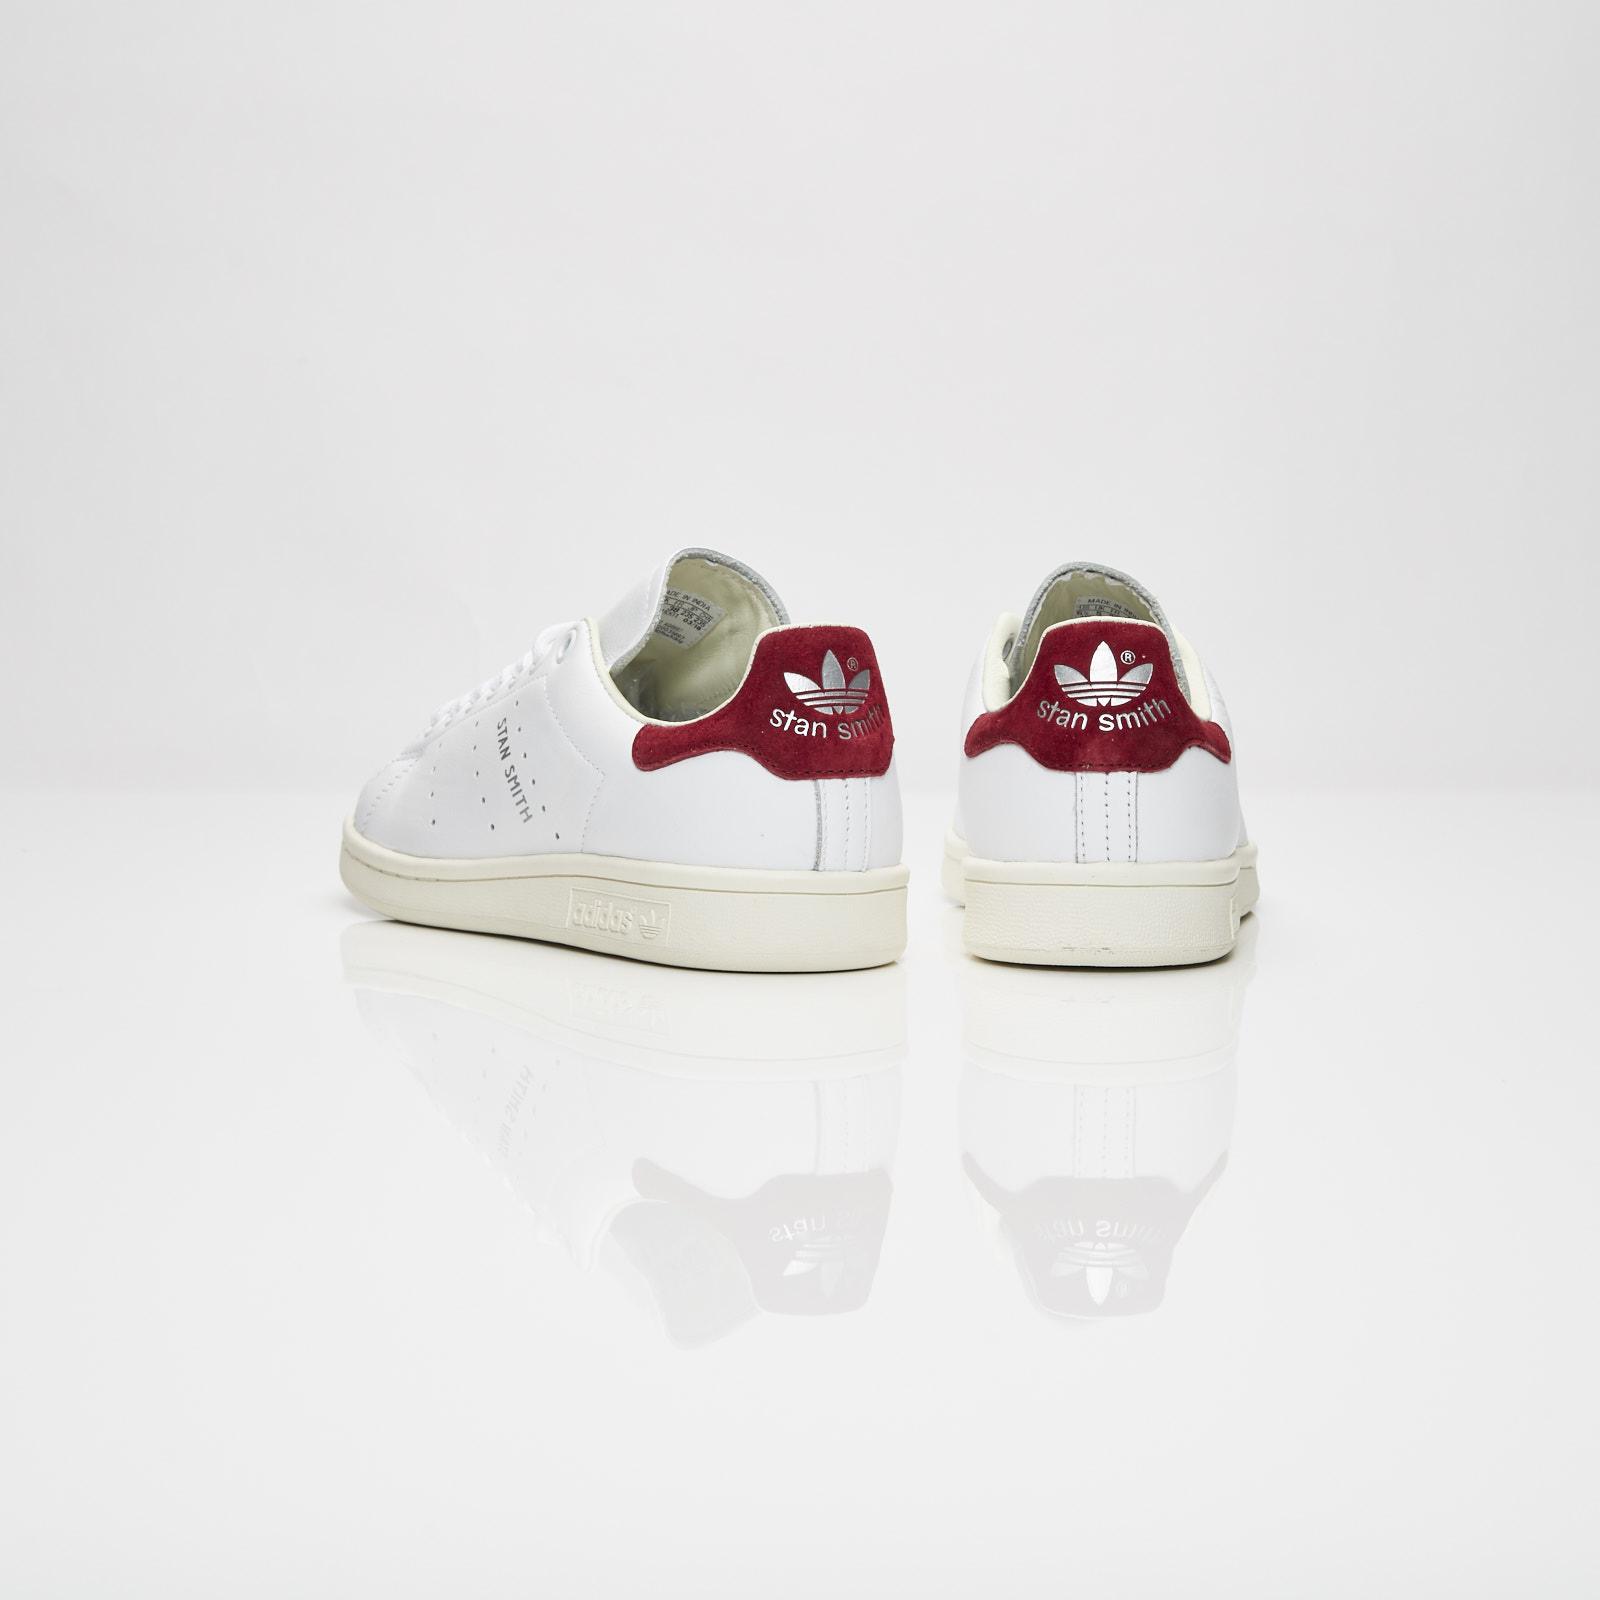 adidas Stan Smith W - Aq0887